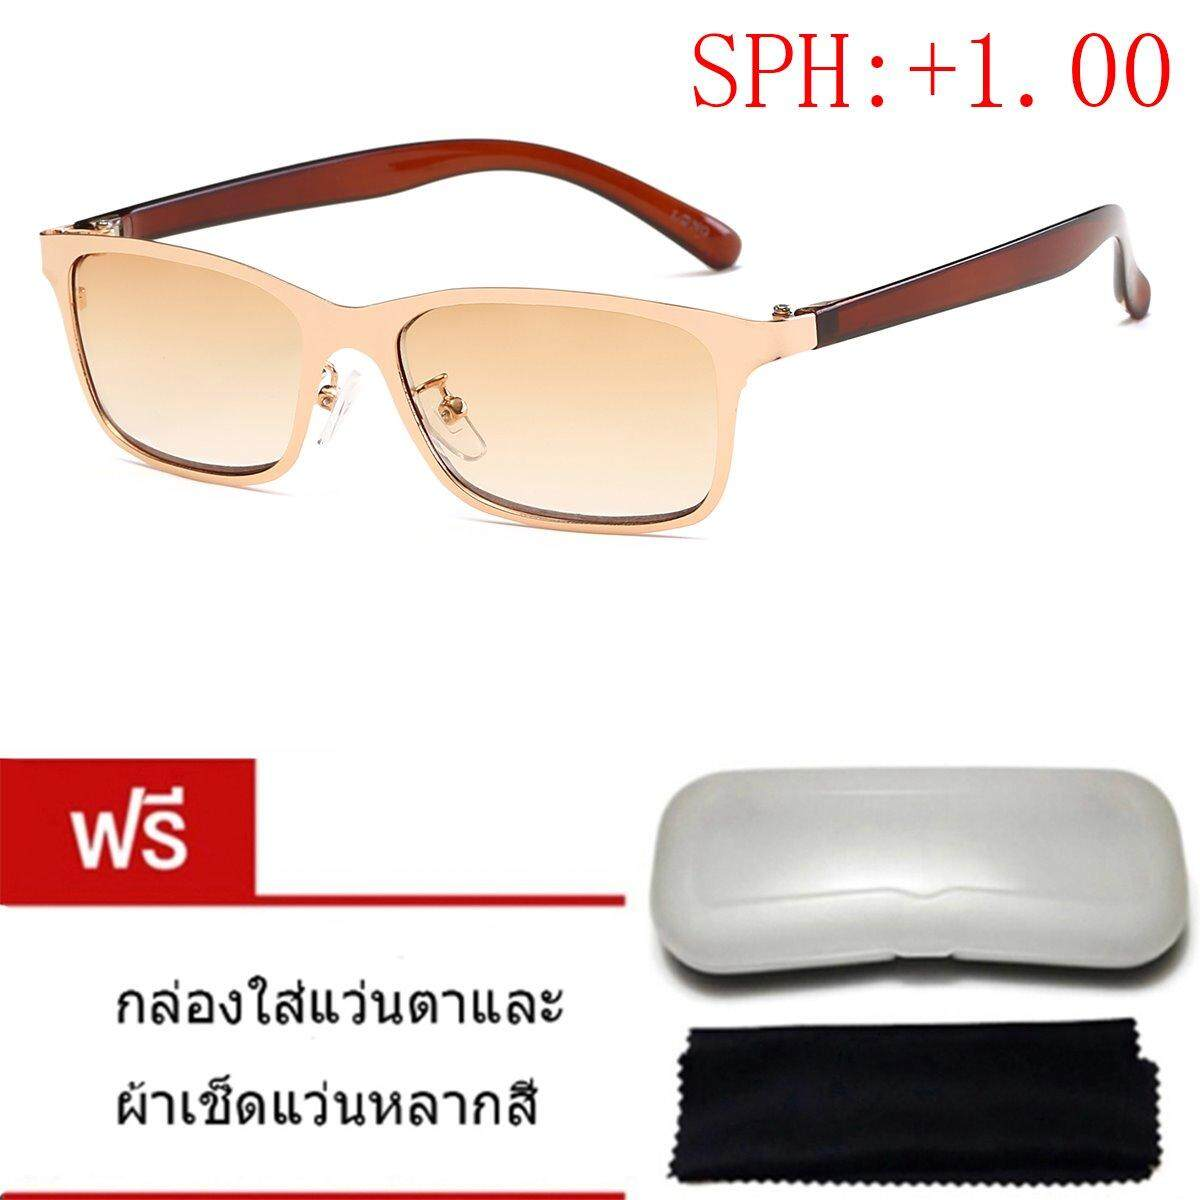 ราคา ราคาถูกที่สุด Long กรอบแว่นสายตา 00 ถึง 4 00 D รุ่น9804 กรอบสีทอง เลนส์ชา ฟรีกล่องและผ้าเช็คแว่น